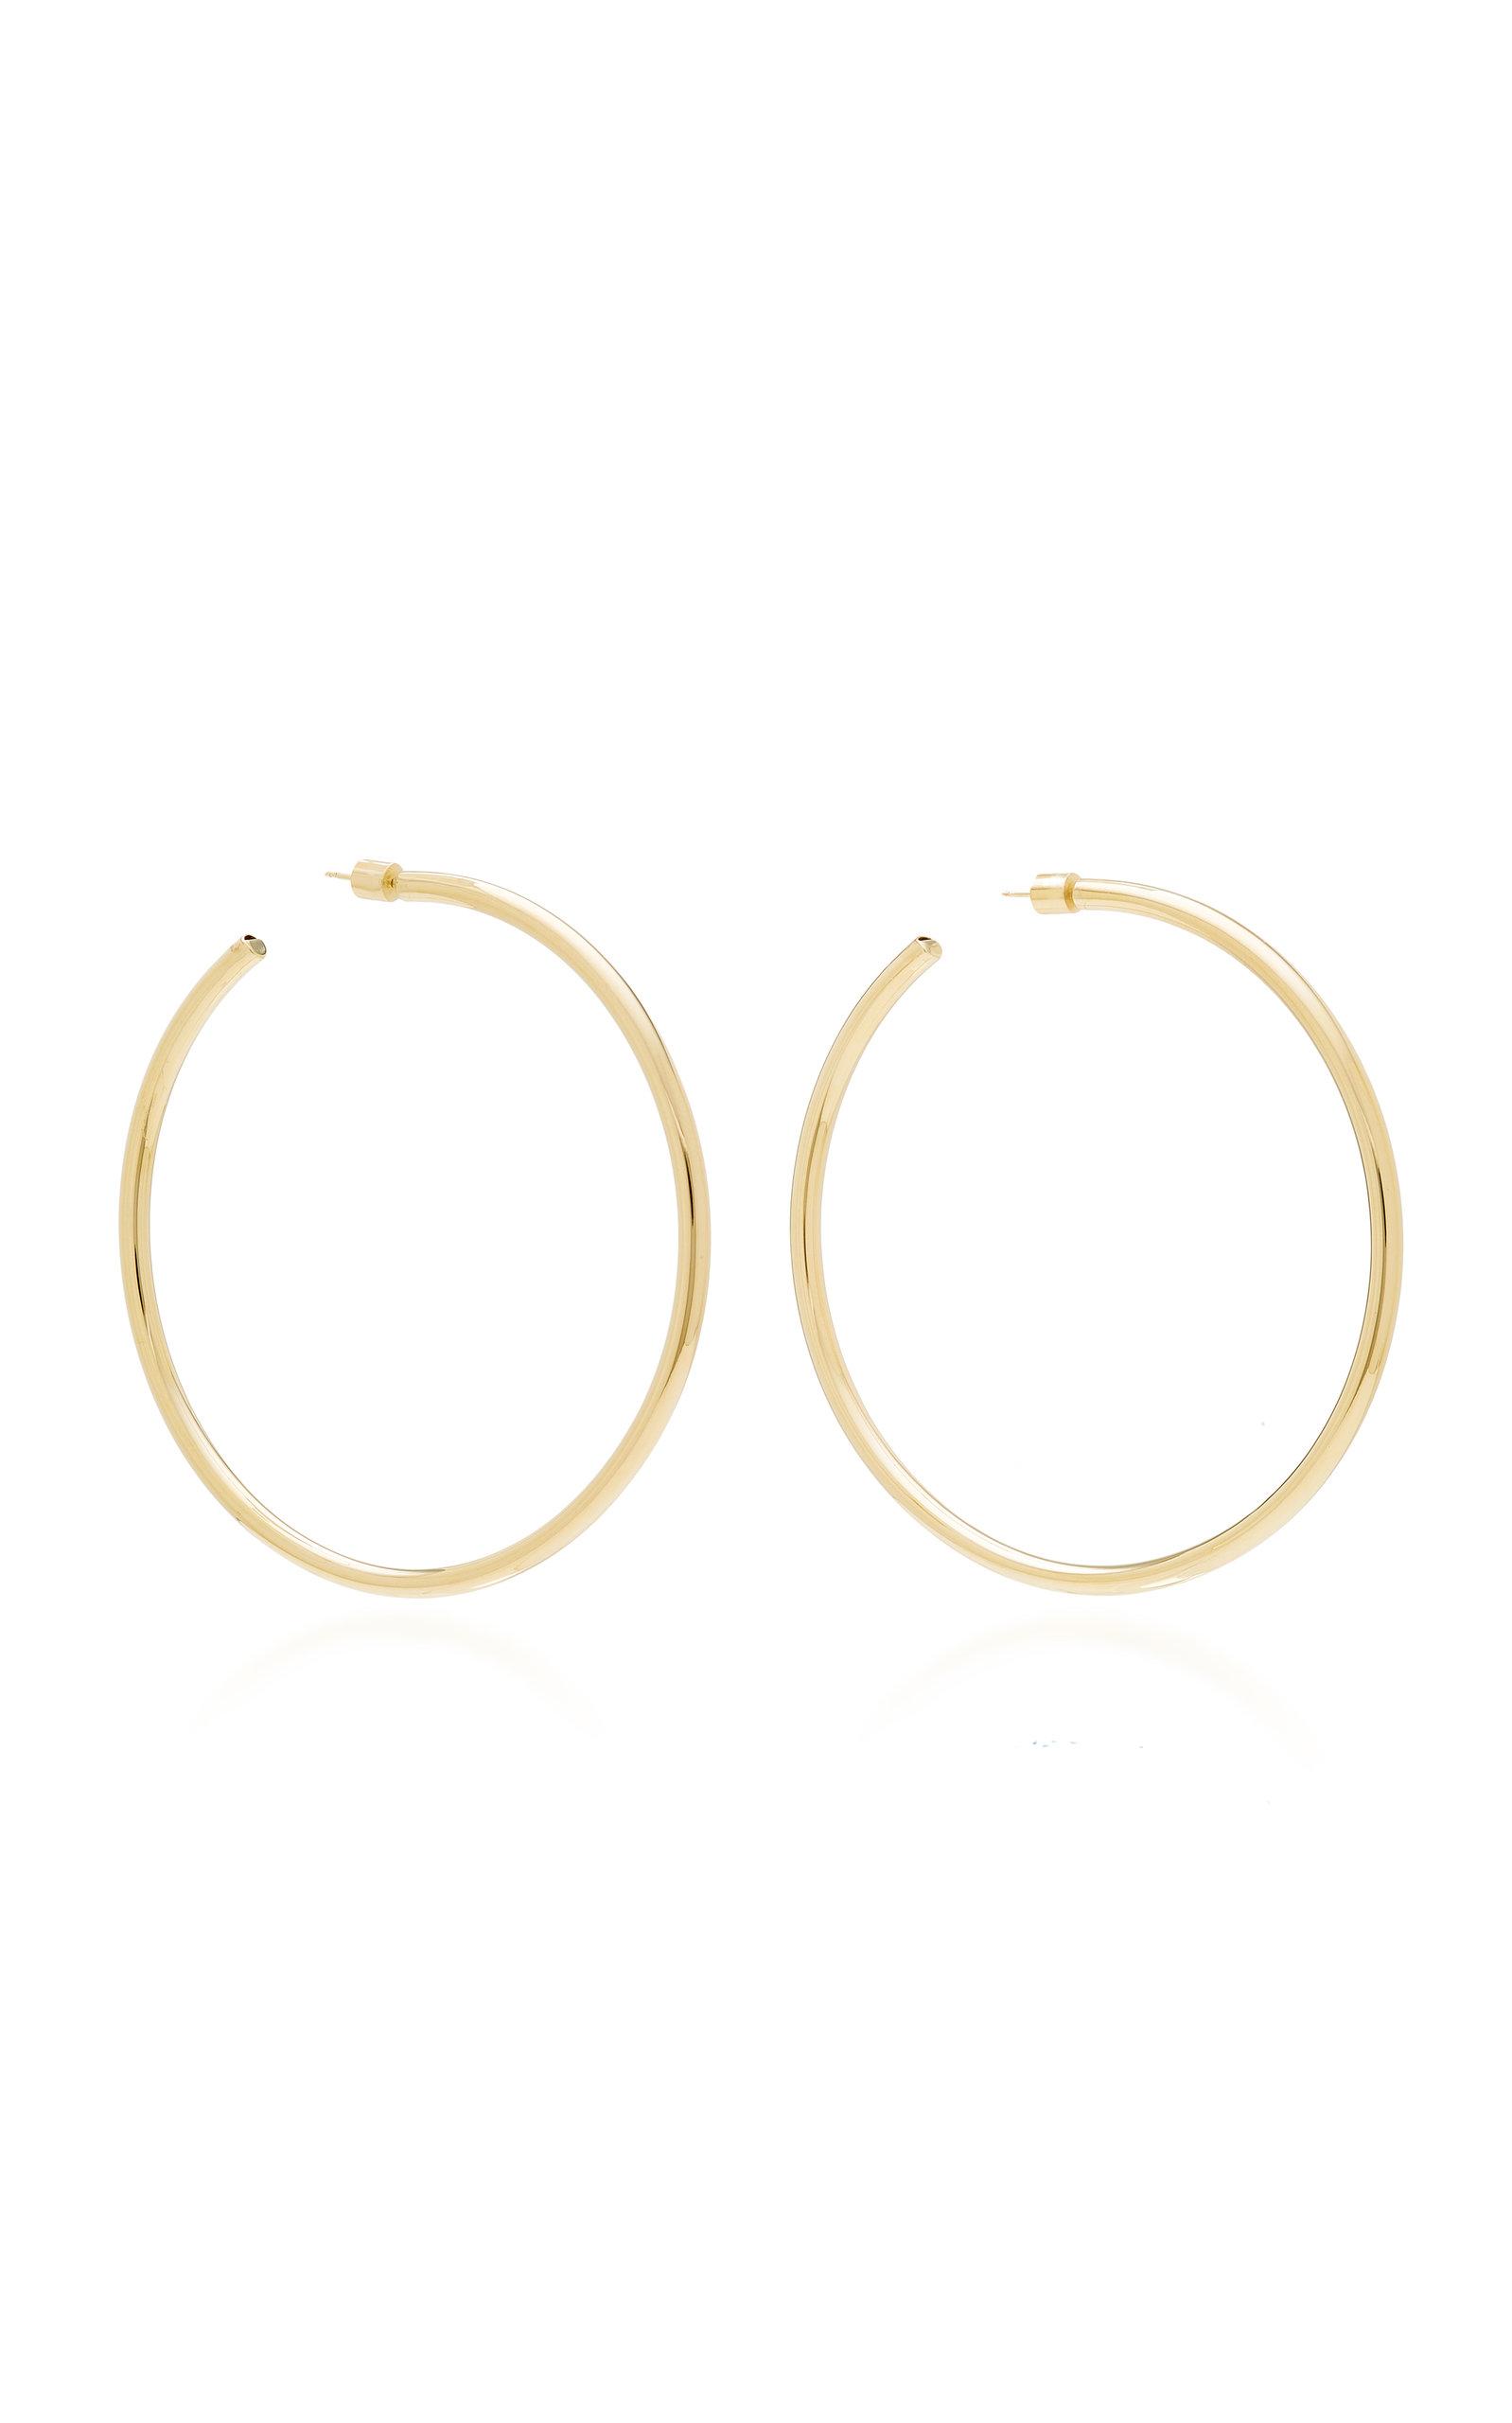 Lilly 10K Gold-Plated Hoop Earrings Jennifer Fisher wiQtAkHsj